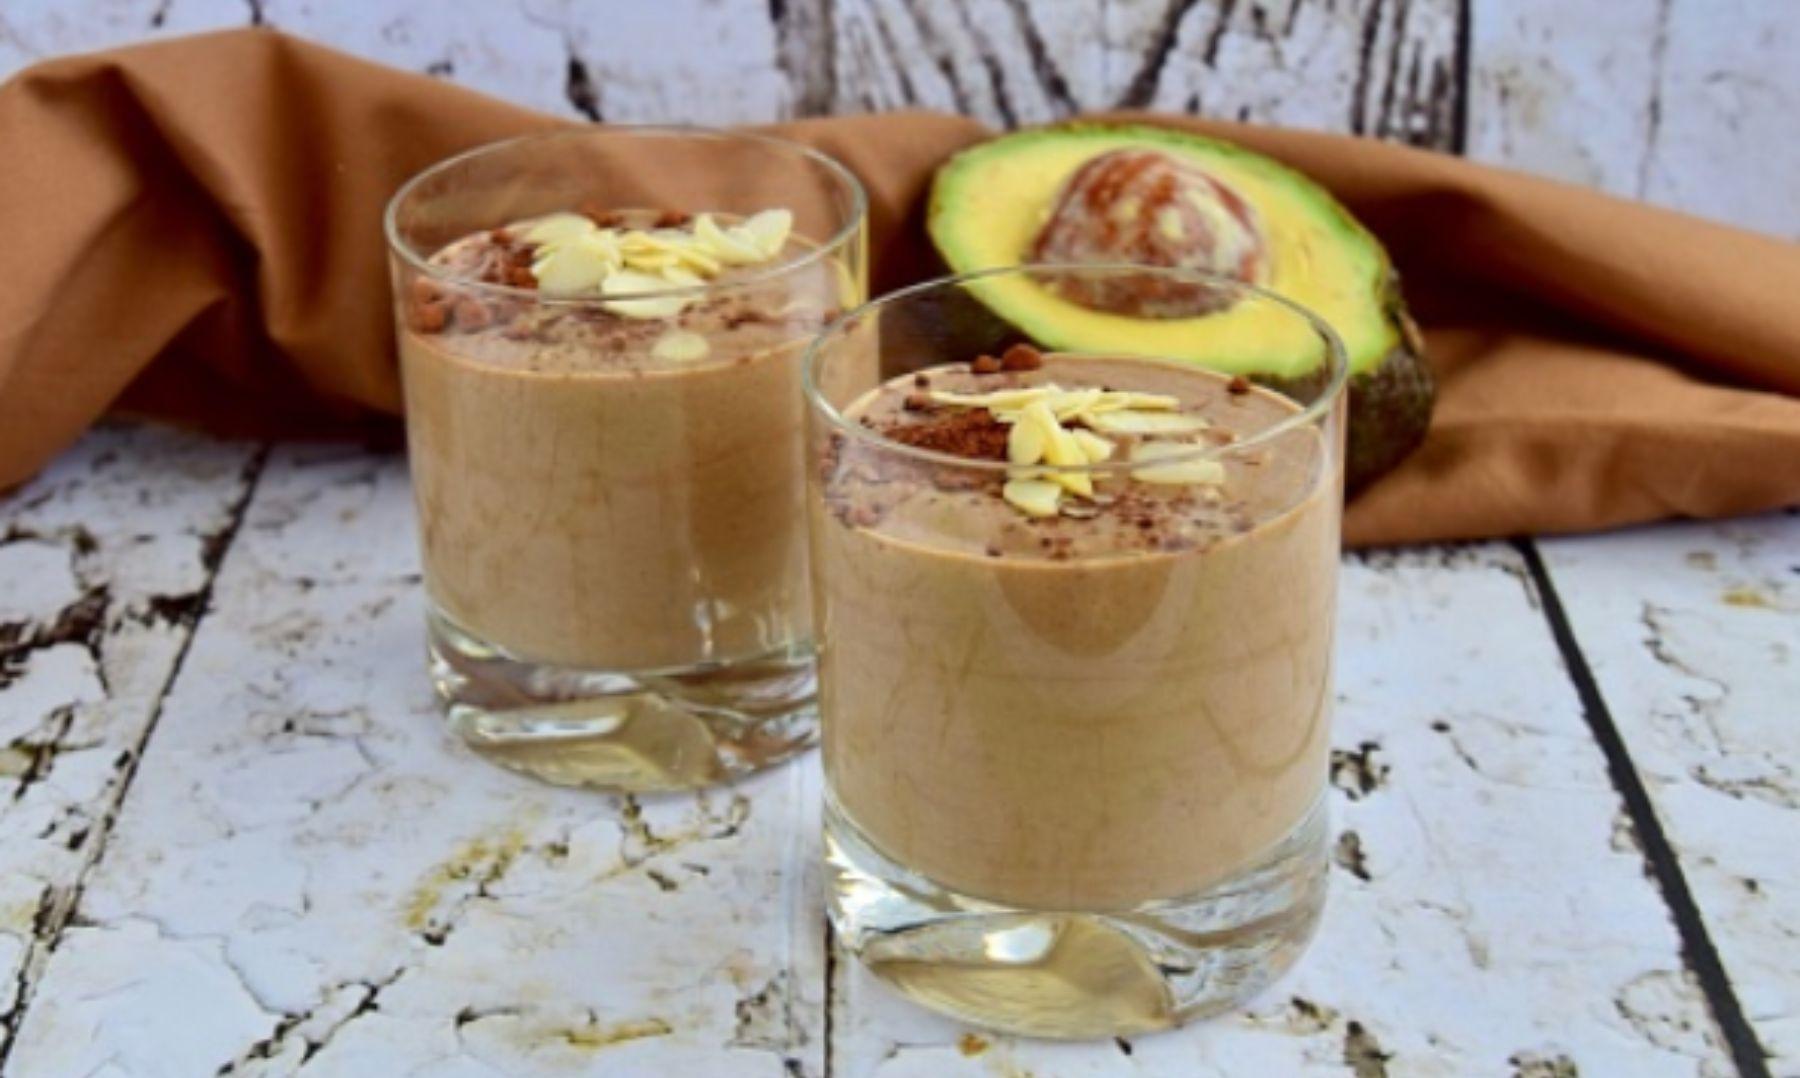 Batido de aguacate y chocolate, la receta de la bebida más deliciosa y energética del verano